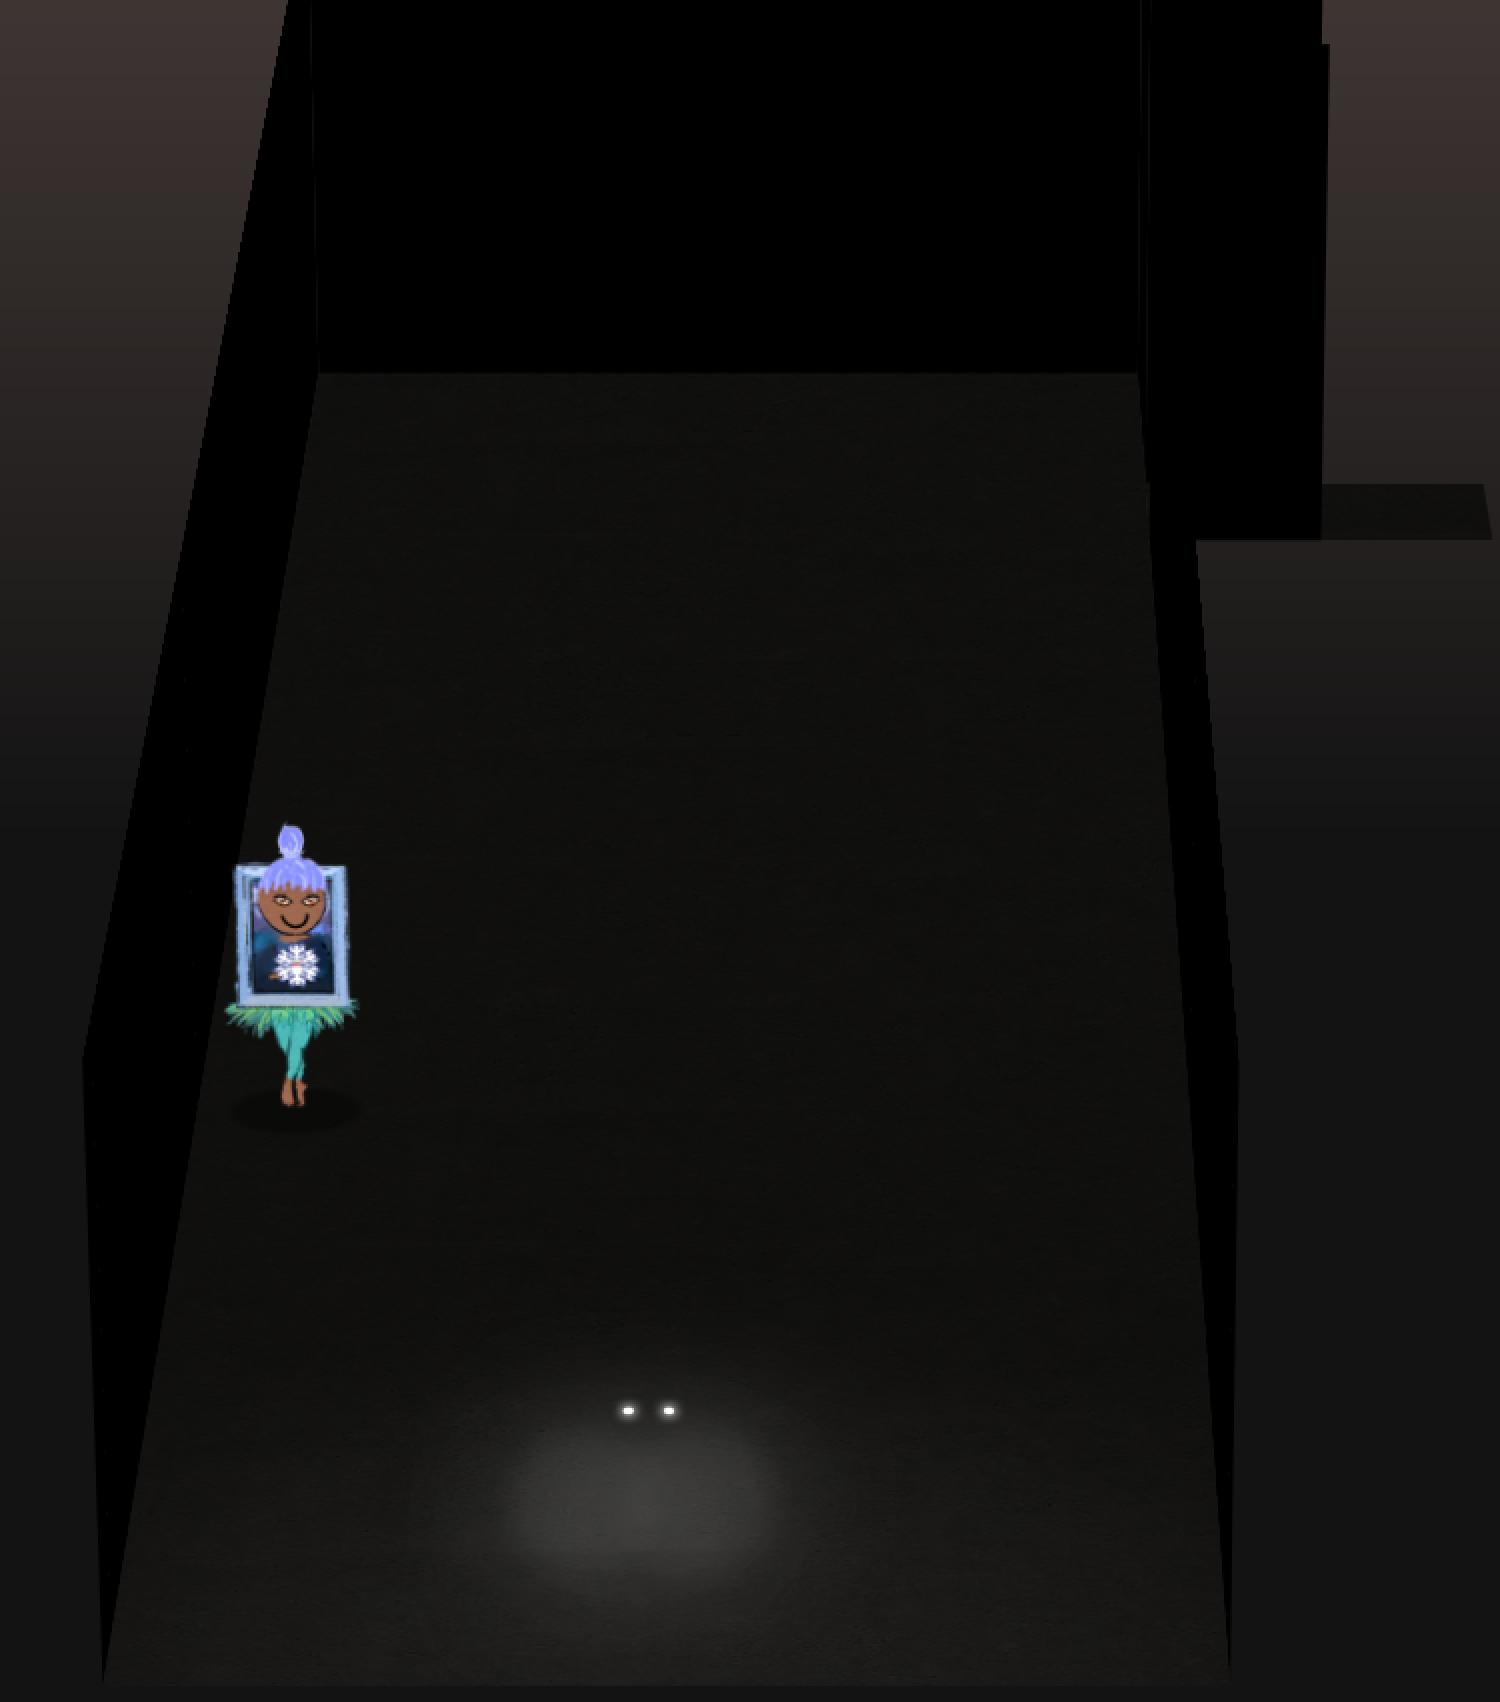 HIDs Door unlocked - Area_X